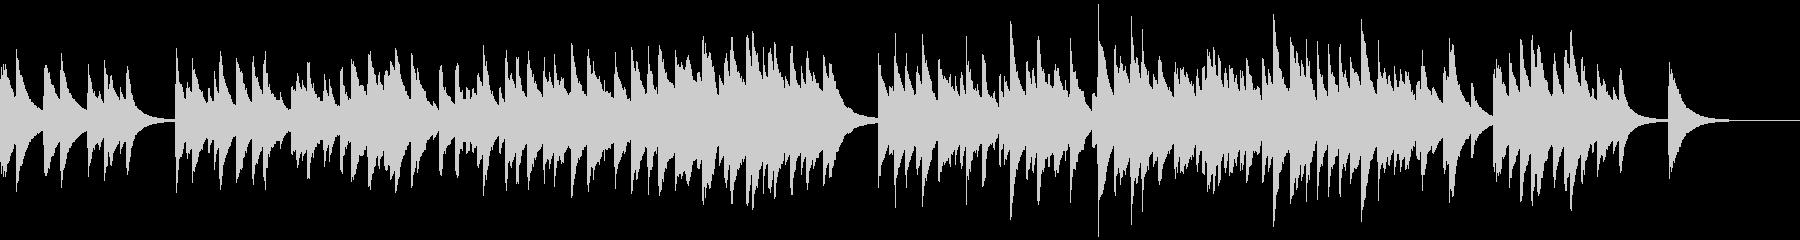 ポップで前向きな感じのオルゴール曲の未再生の波形